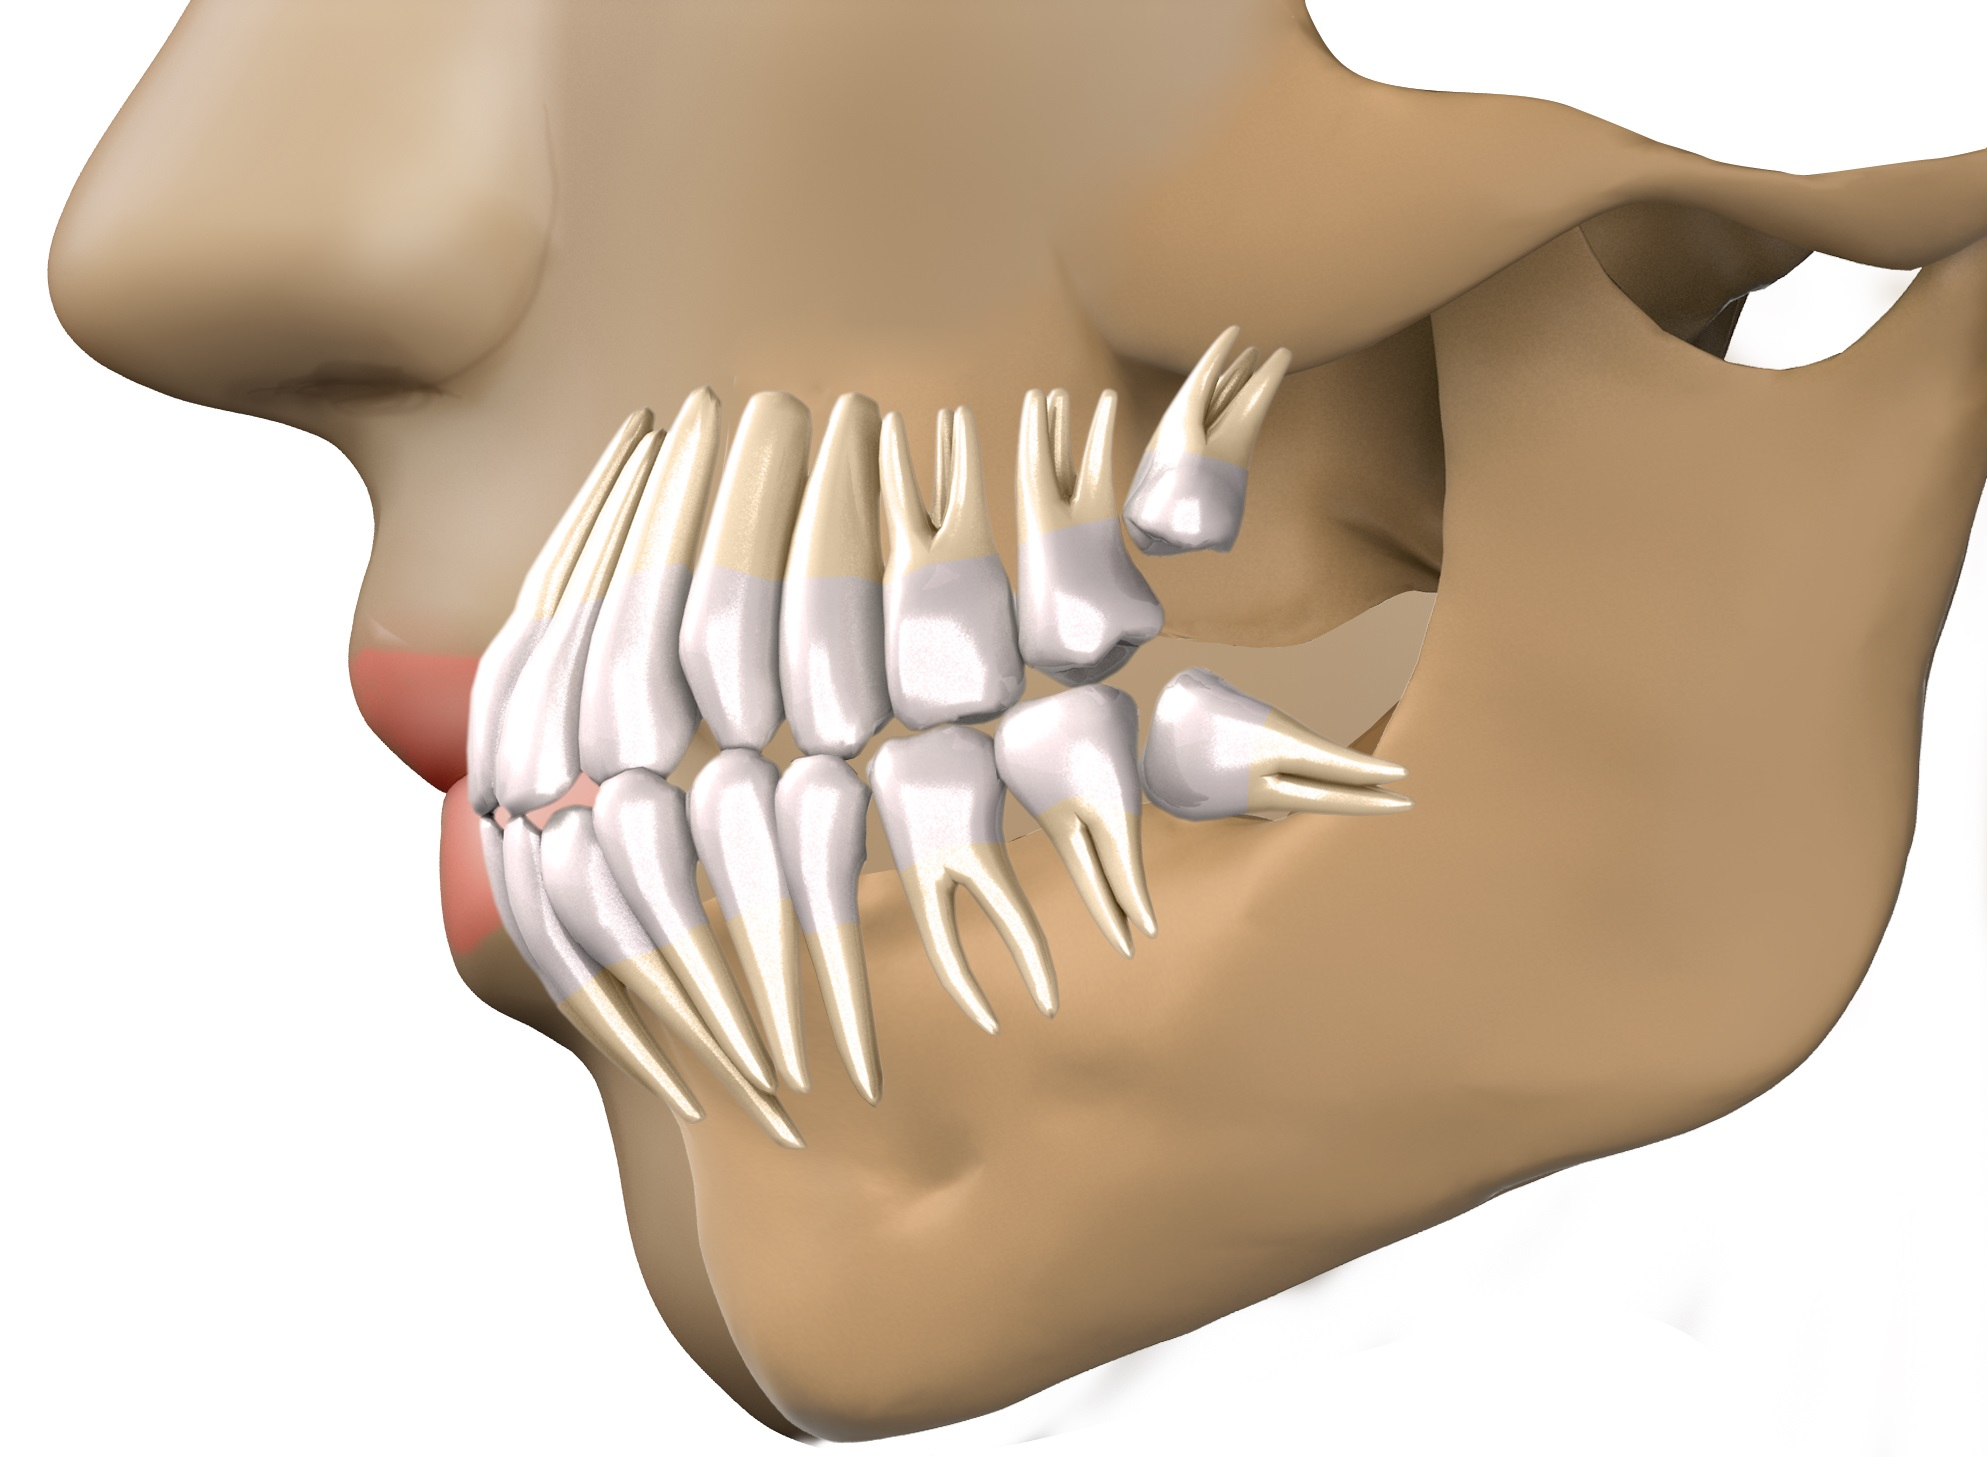 А вы знаете, сколько может вырасти зубов мудрости у человека? У всех по-разному